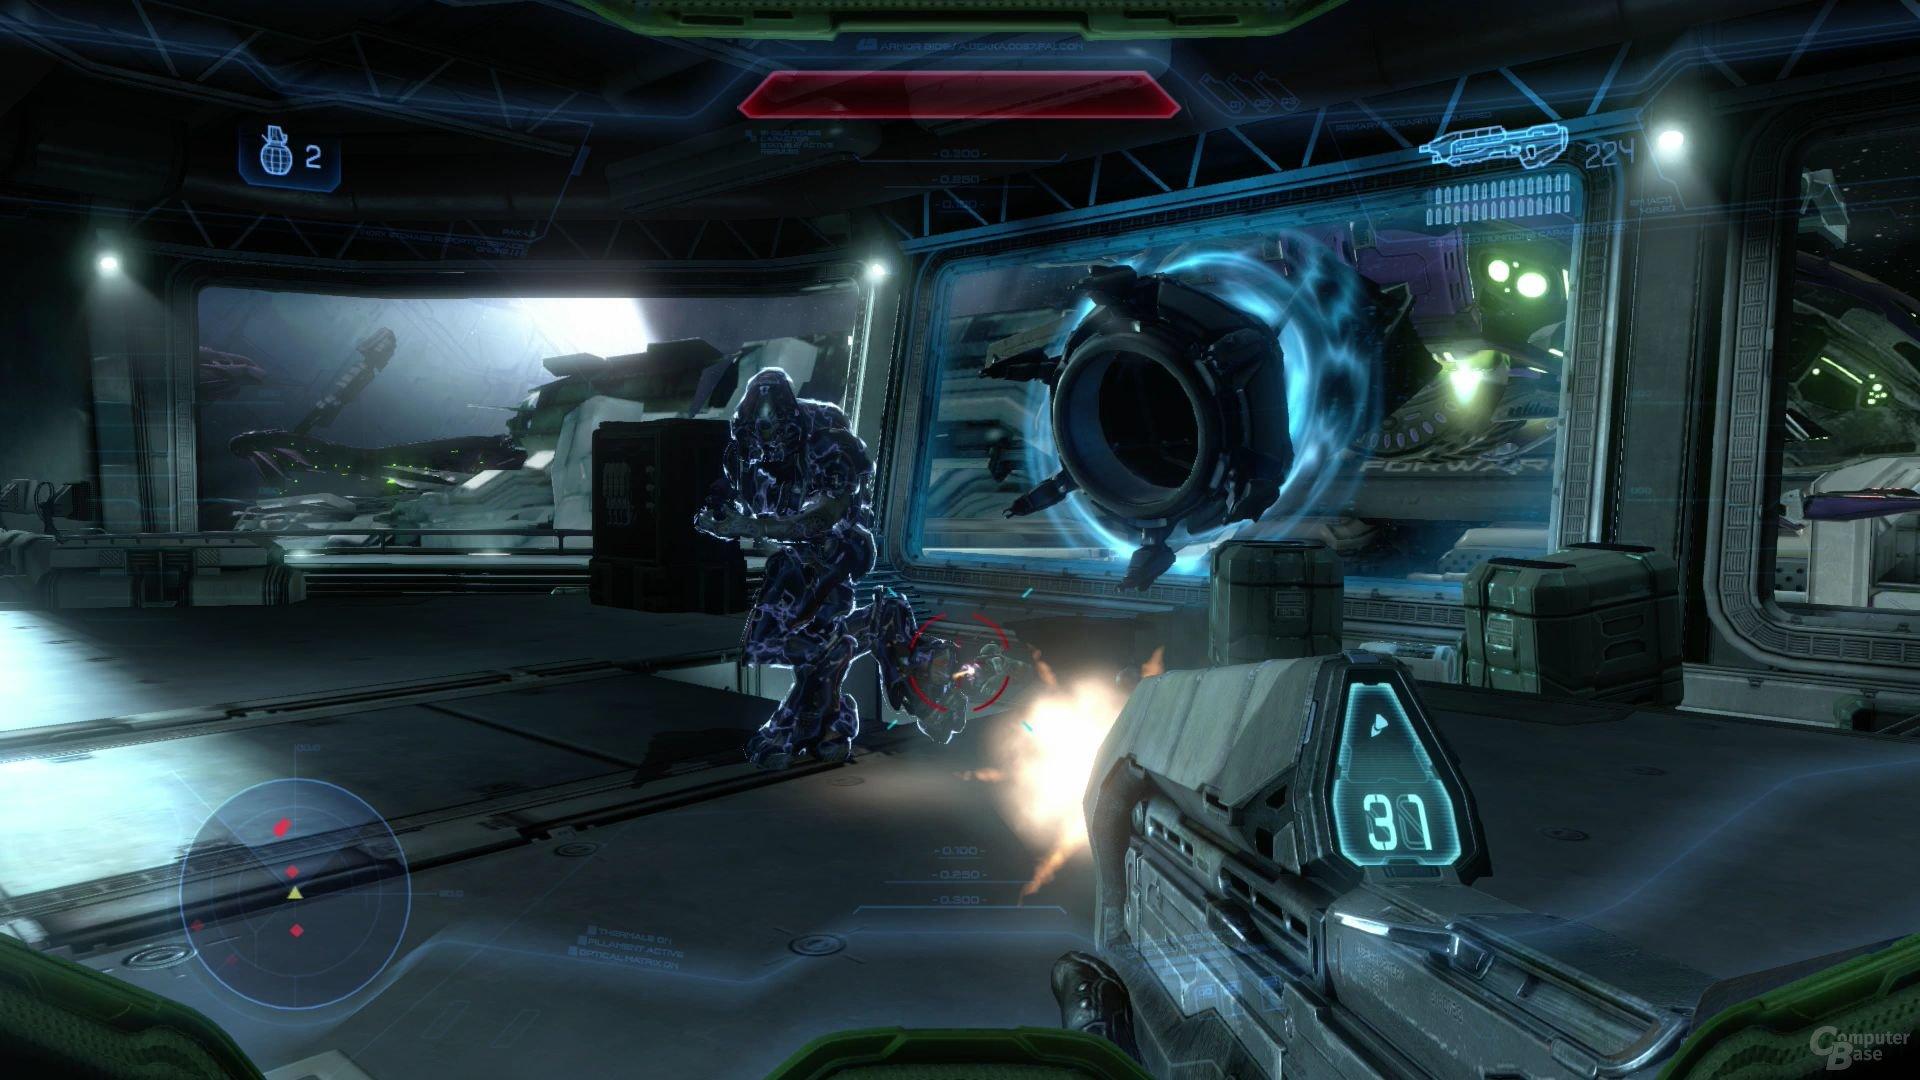 Halo 4 (Xbox 360)